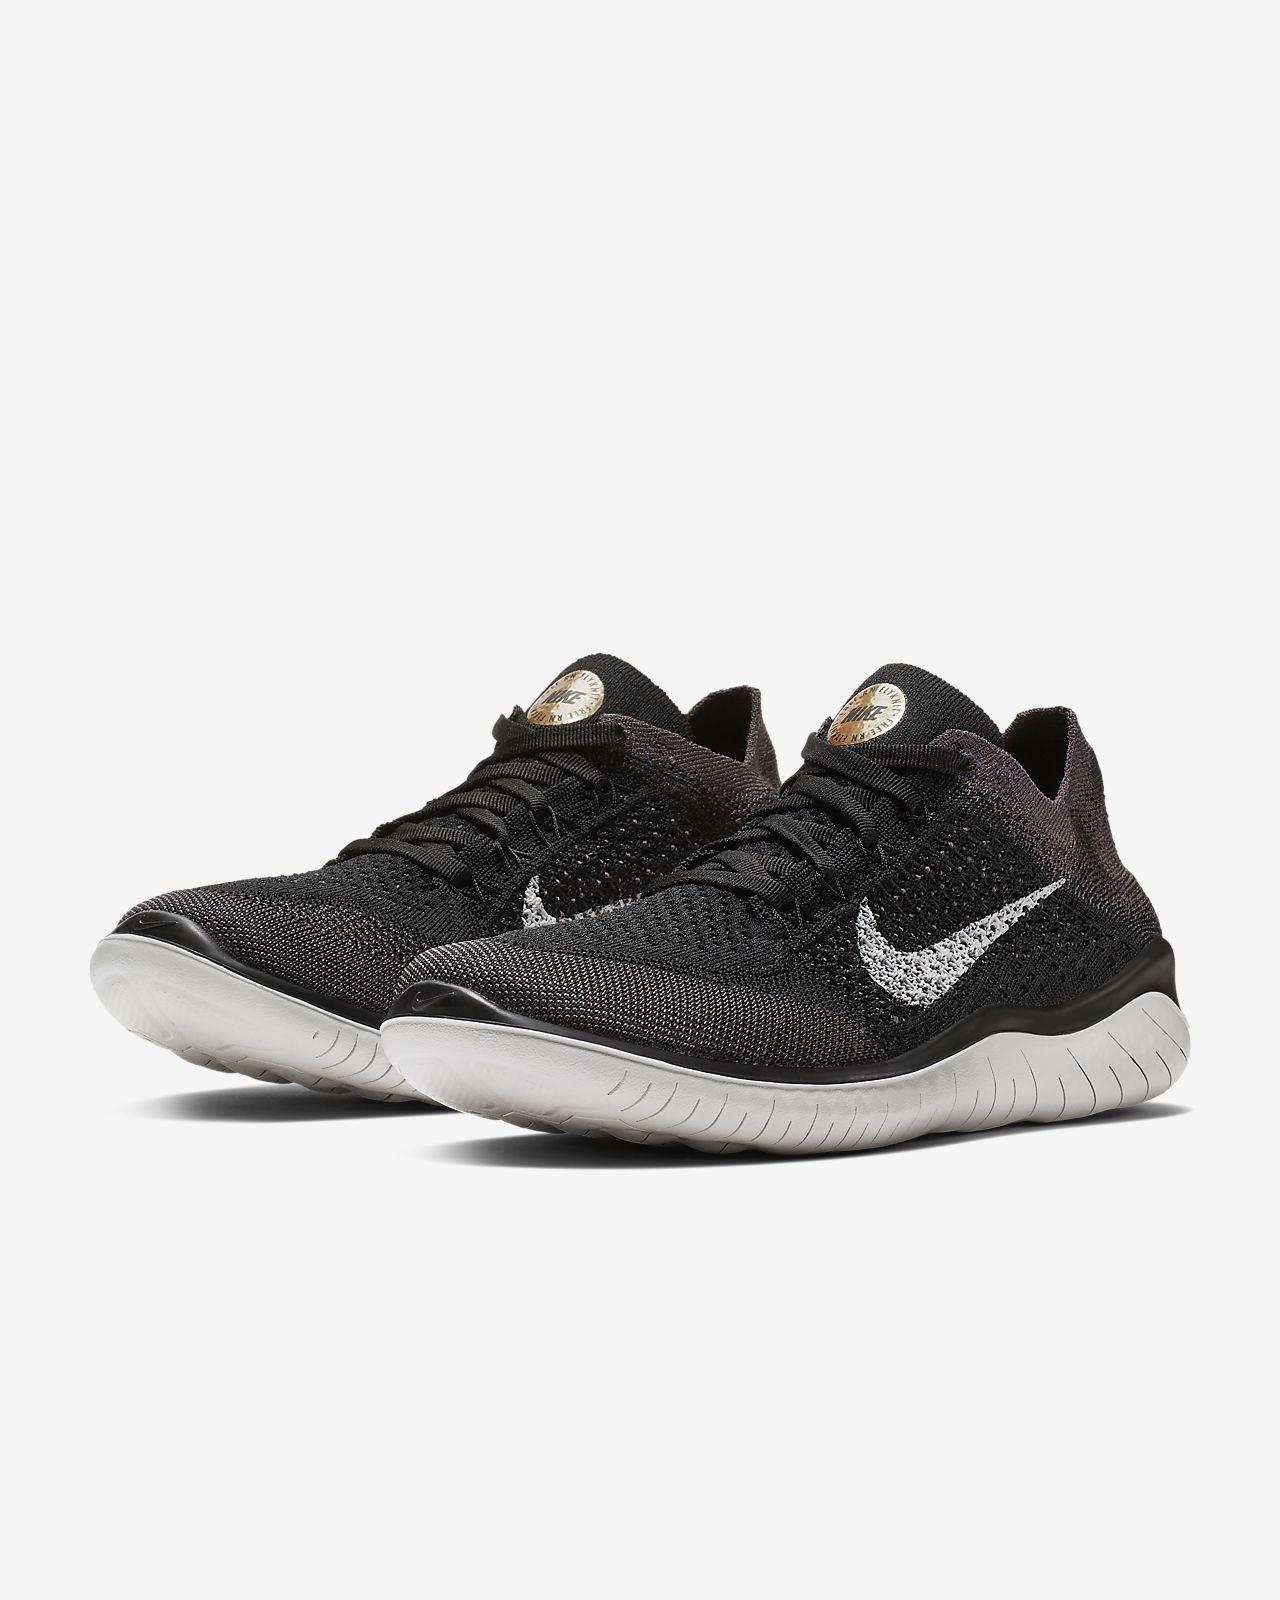 best service 912b4 83bca ... Nike Free RN Flyknit 2018 Women s Running Shoe